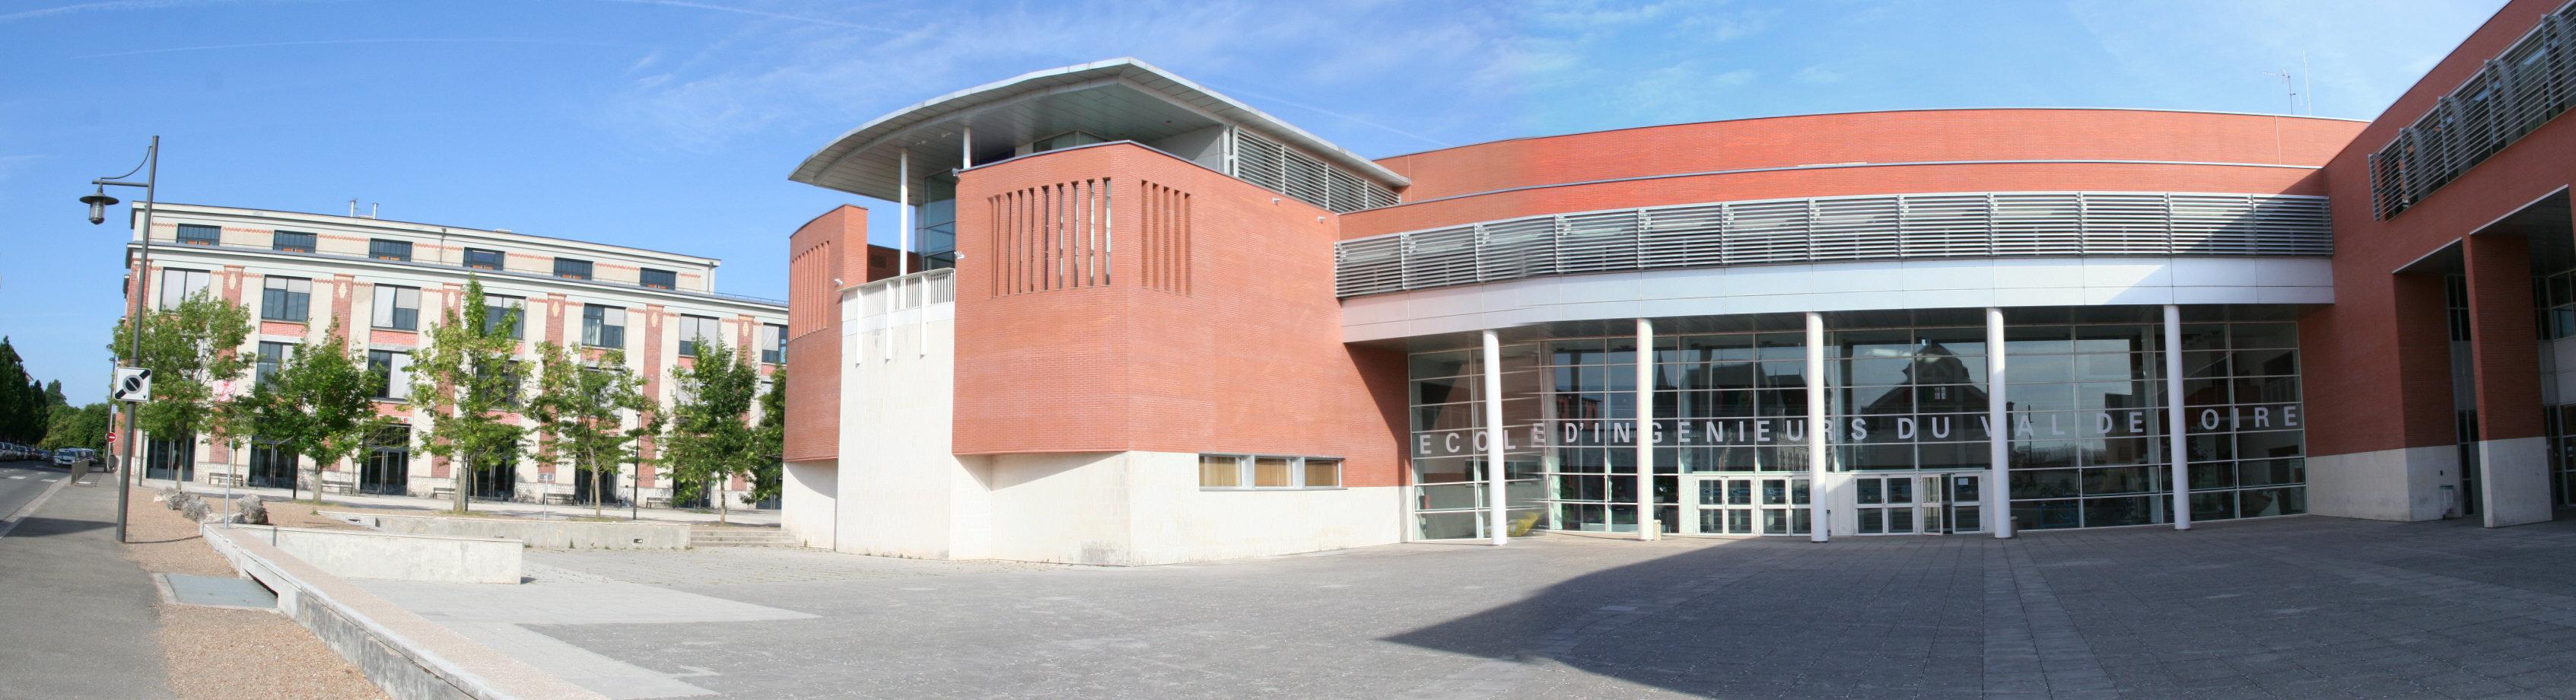 Campus de Blois